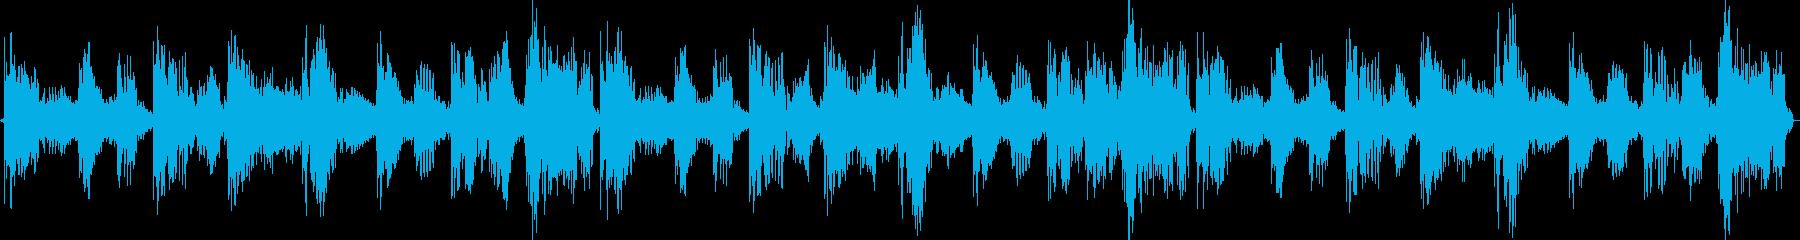 ハウスの新しい風を吹き込むループBGMの再生済みの波形